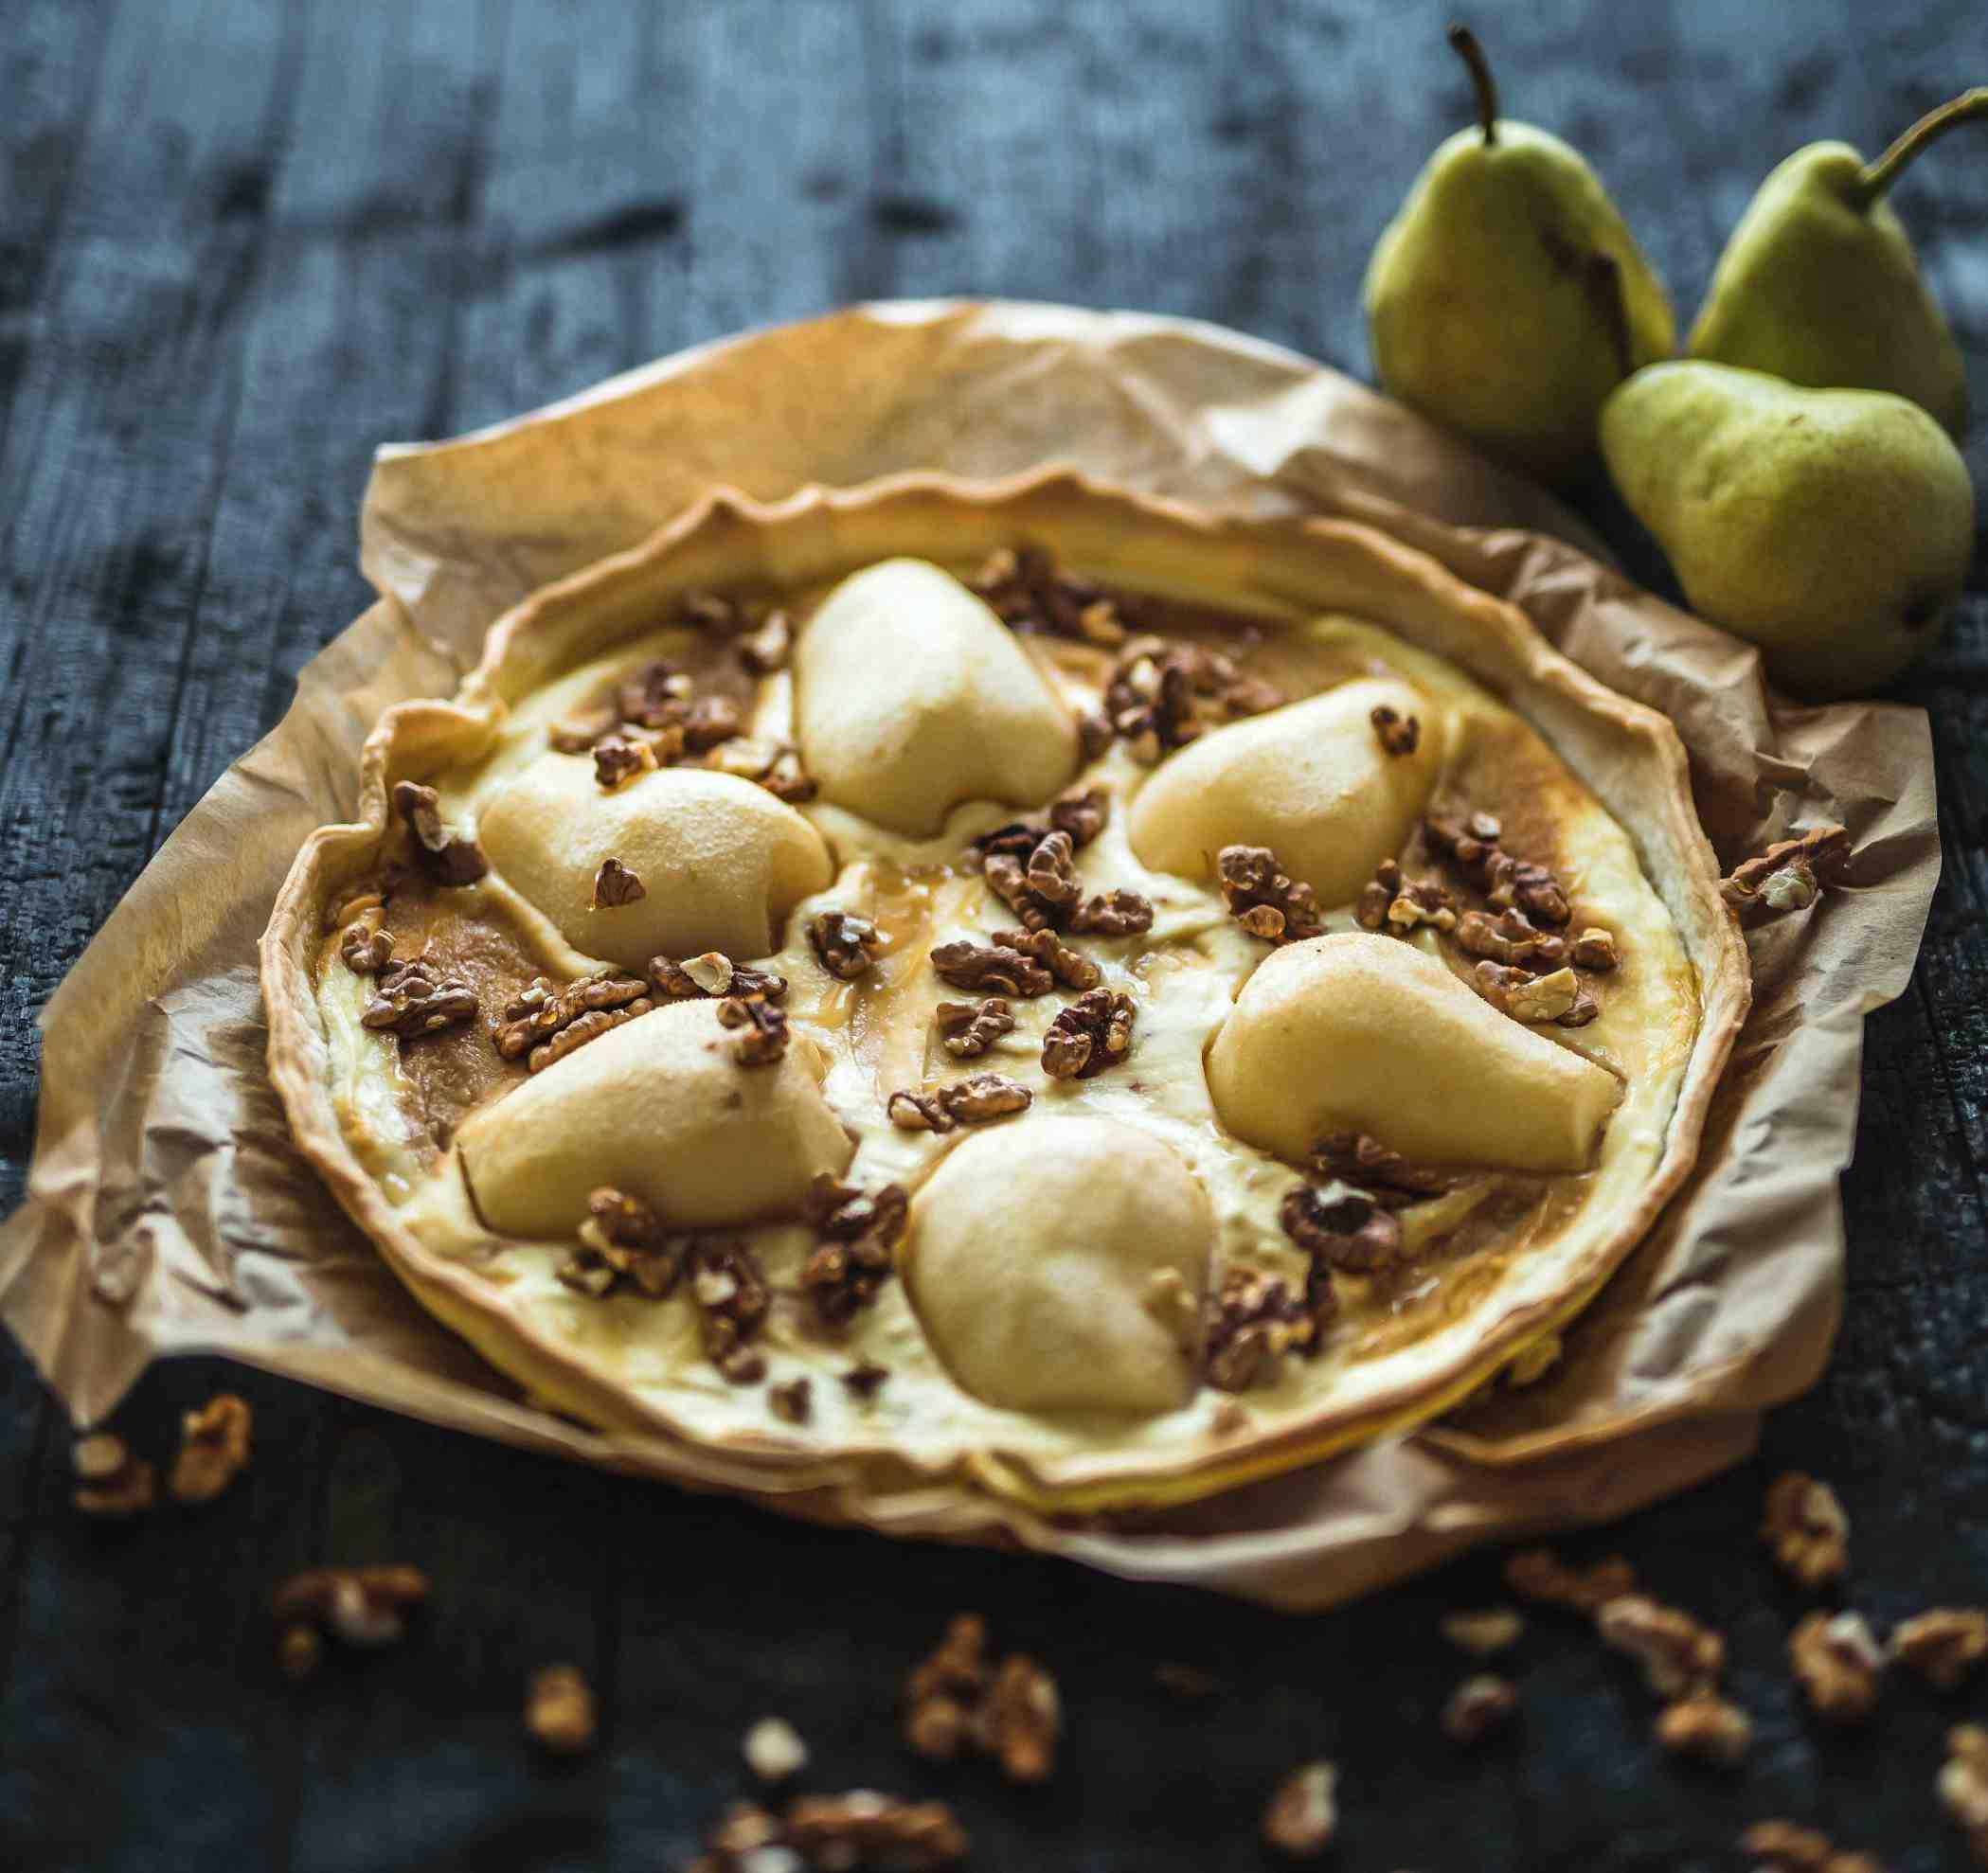 Hruškový koláč stvarohem avlašskými ořechy